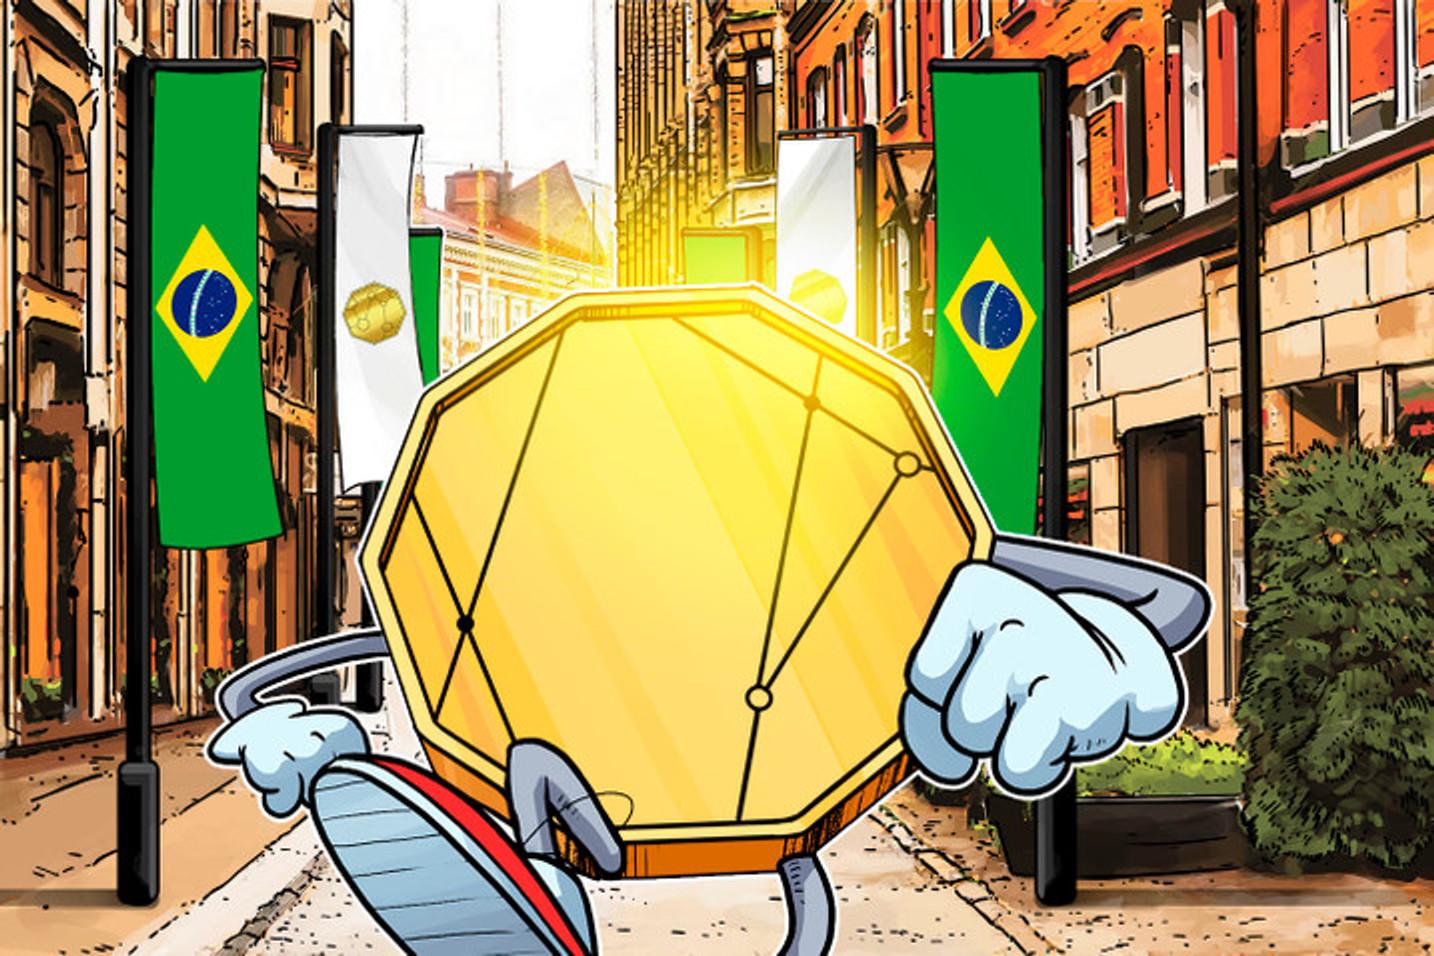 Dividendos: investindo alto para ganhar centavos, Cielo paga R$ 0,05 por ação e Ambev R$ 0,07